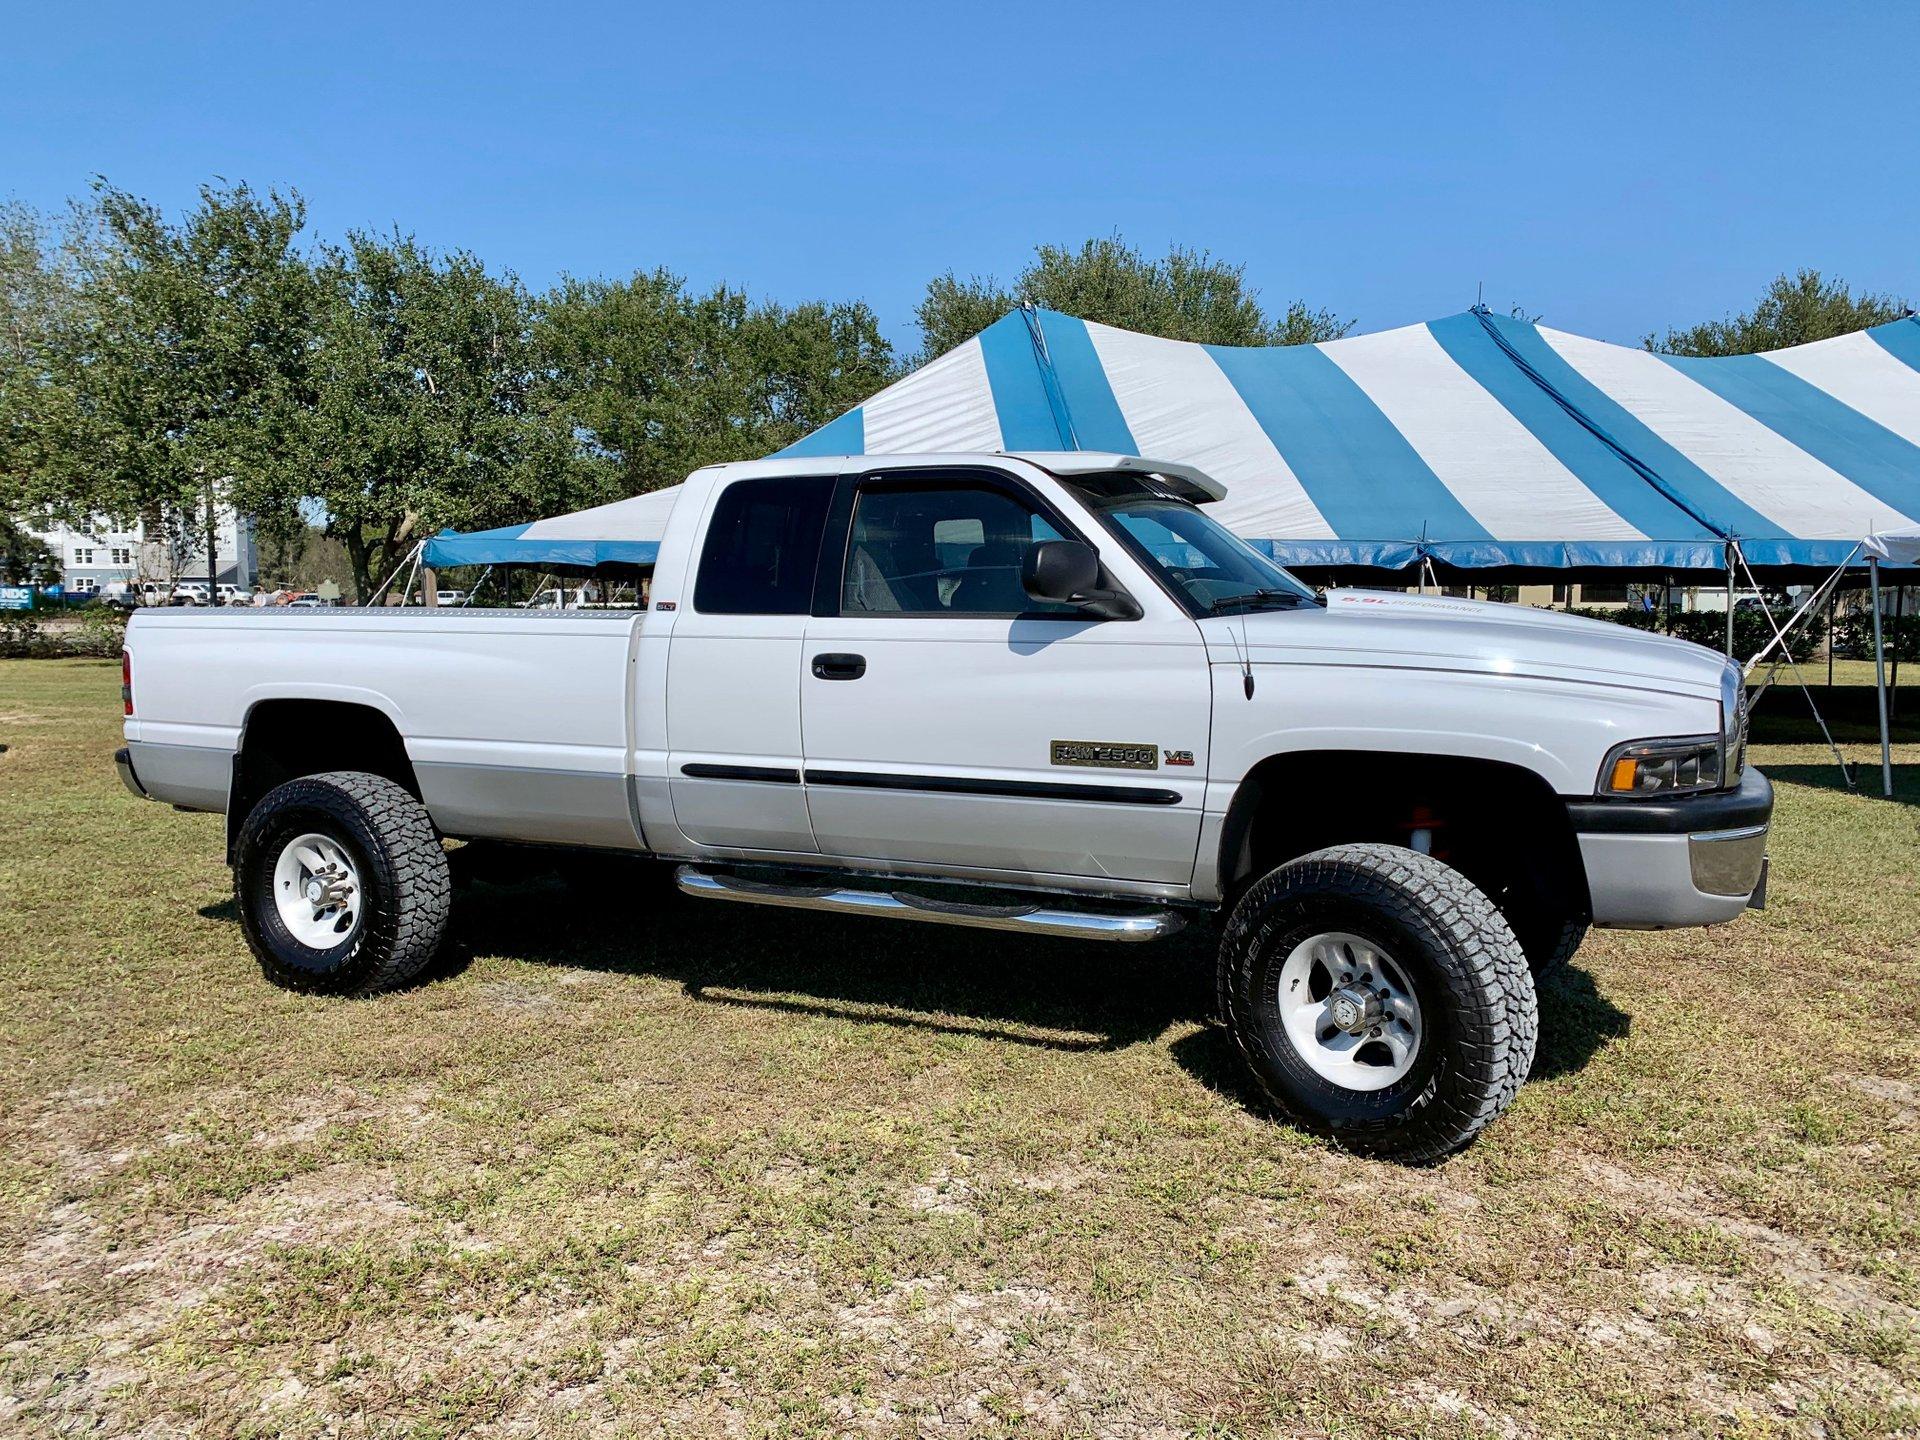 2001 Dodge Ram 2500 Premier Auction